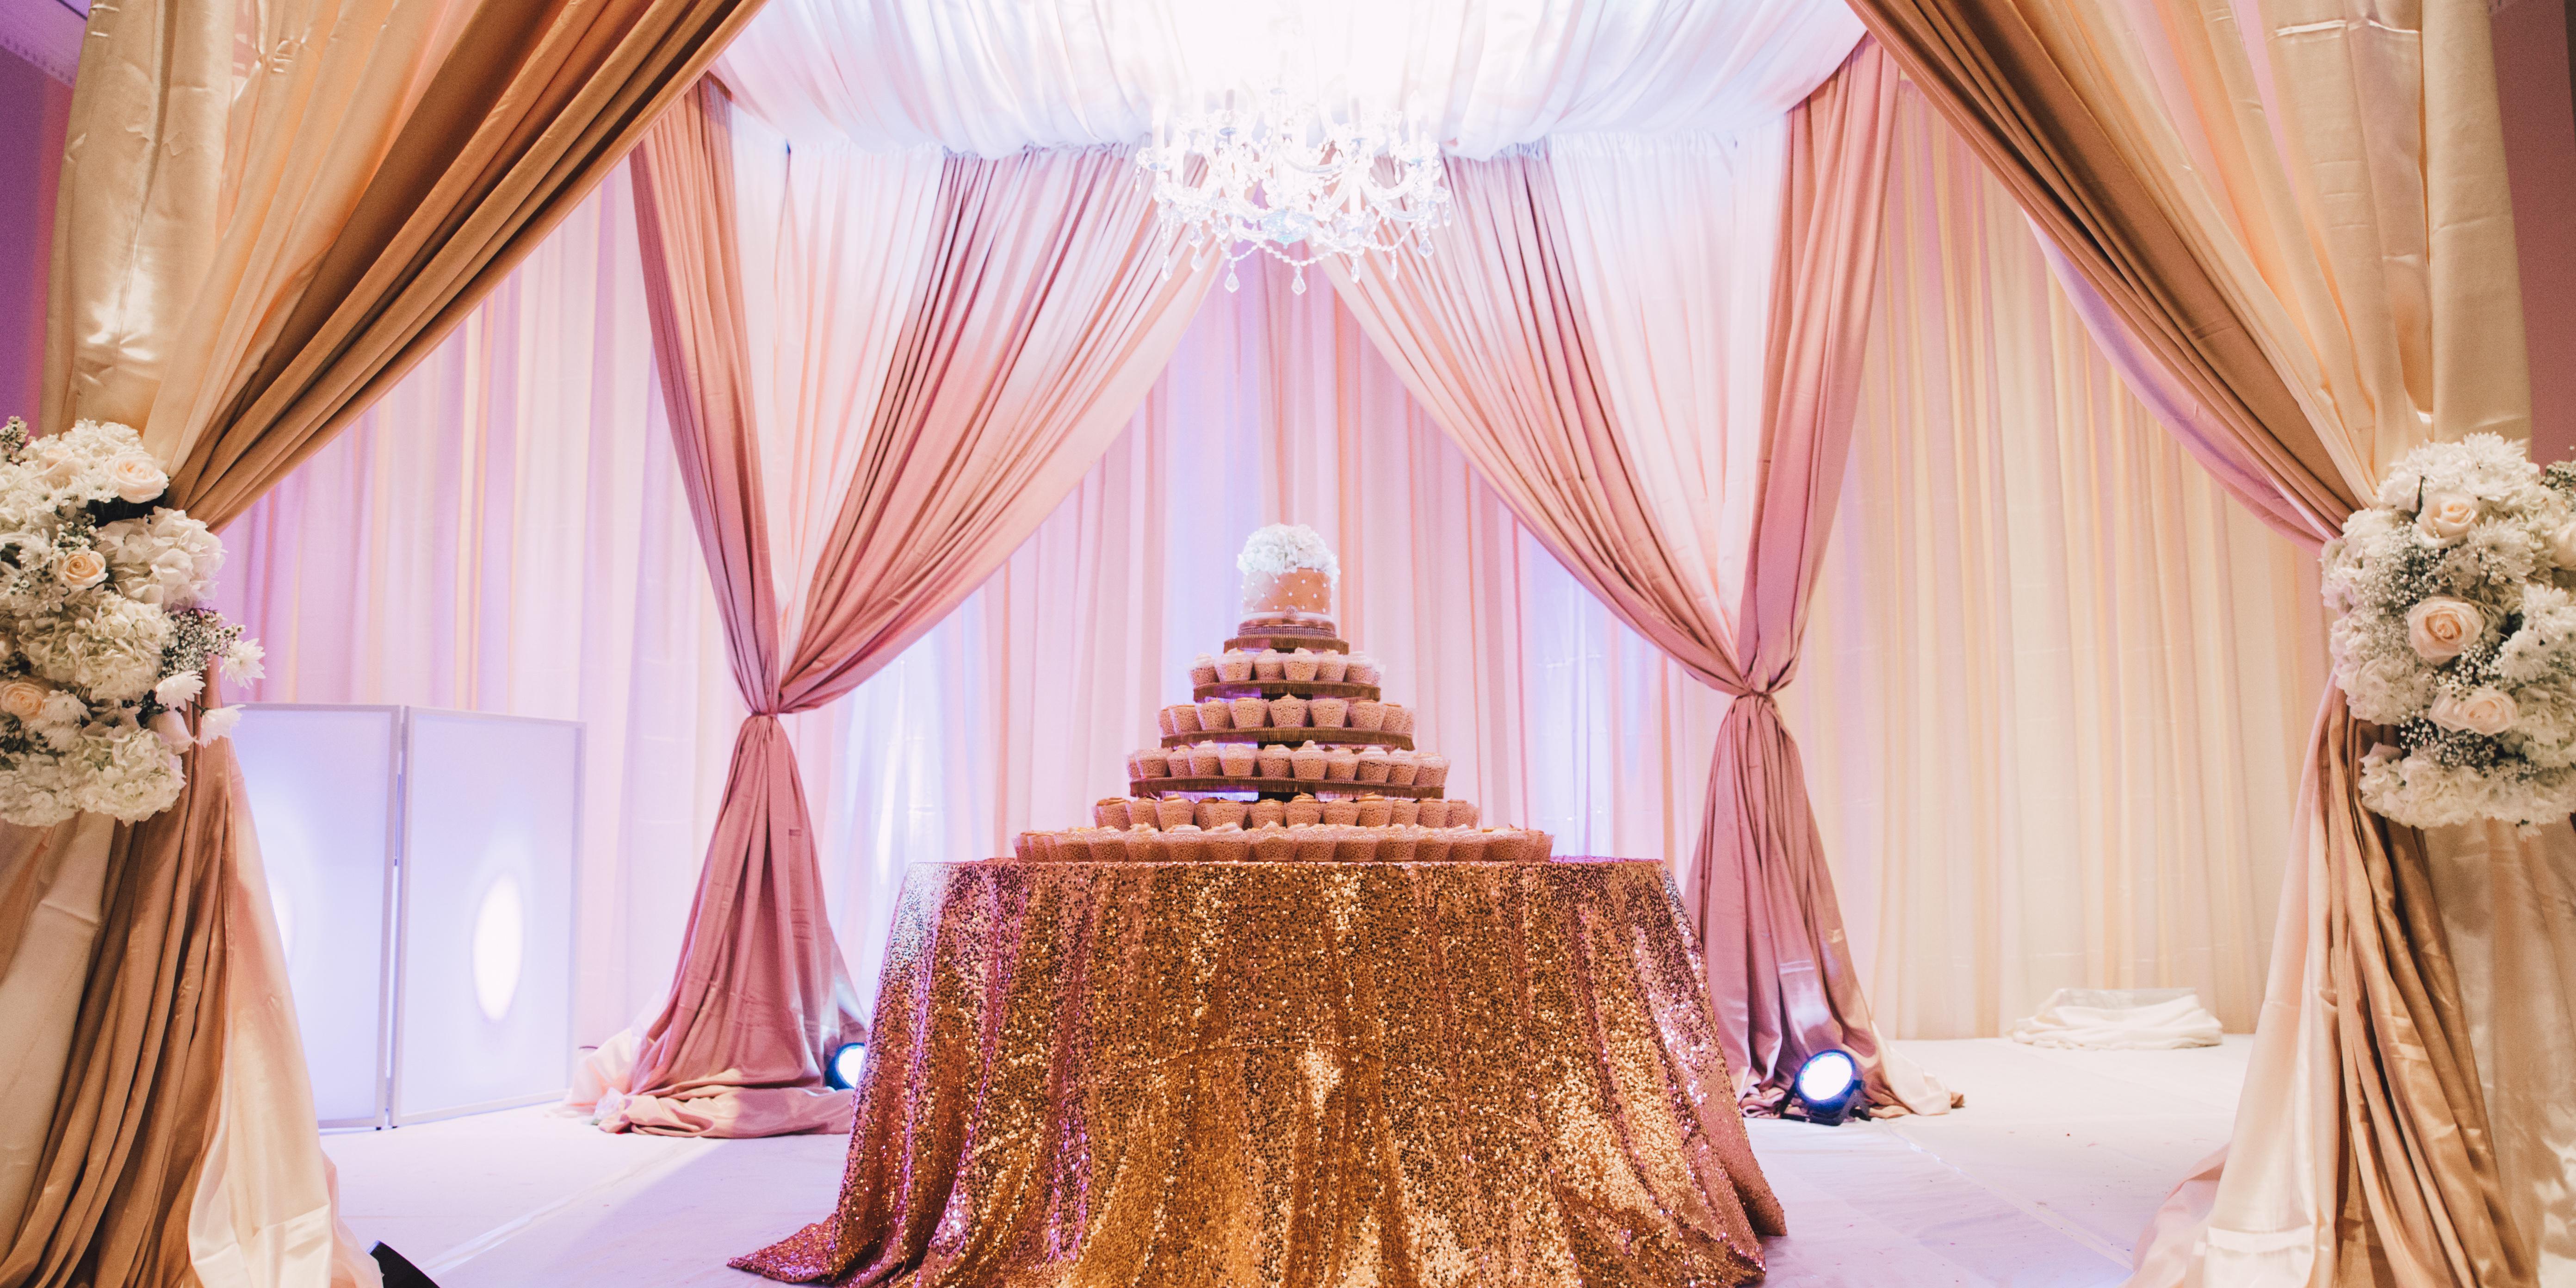 Crowne Plaza Hotel Executive Center Baton Rouge wedding Baton Rouge